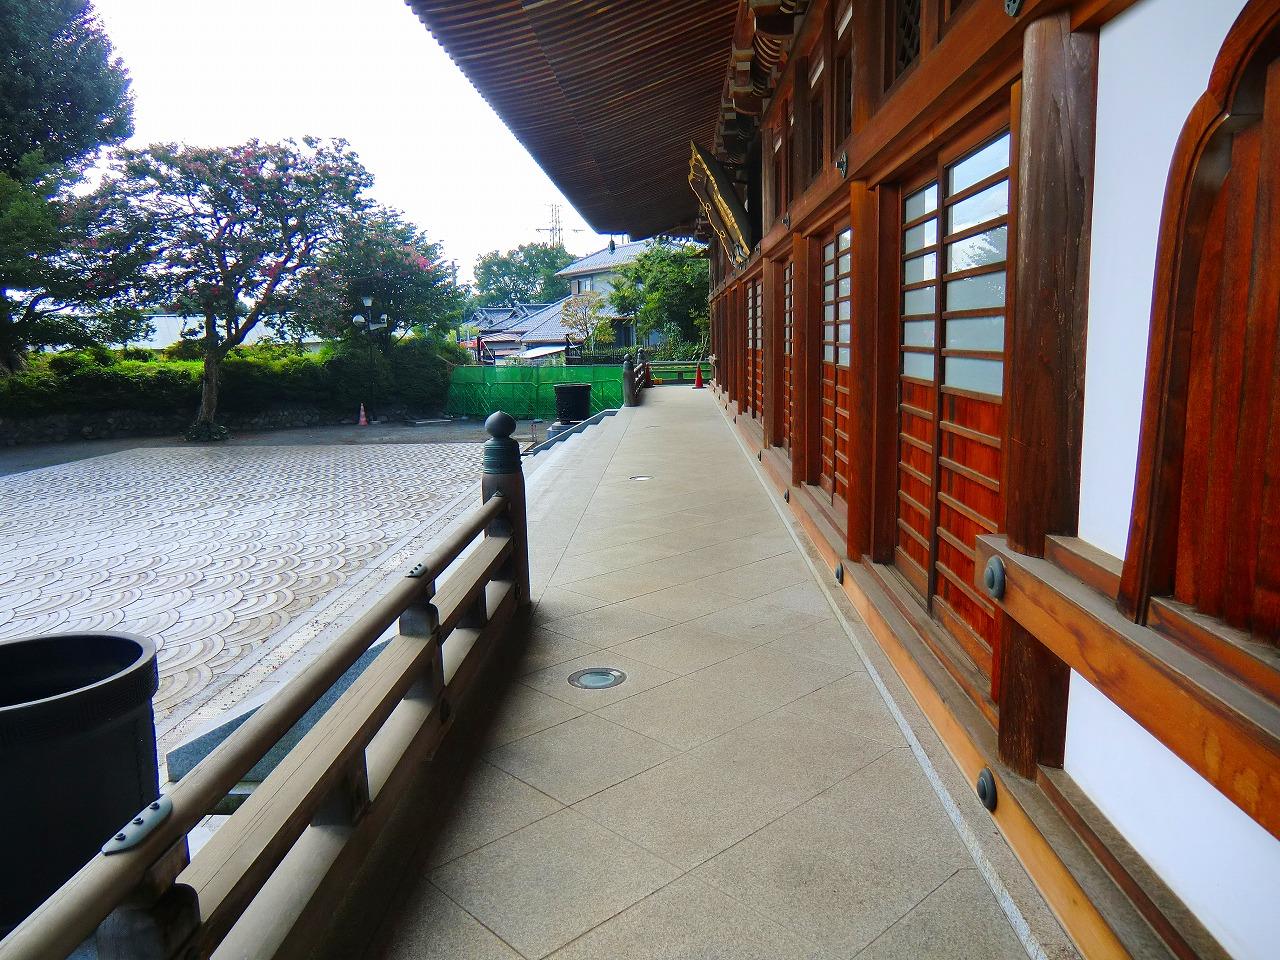 2011_0916_084903-CIMG1560.jpg